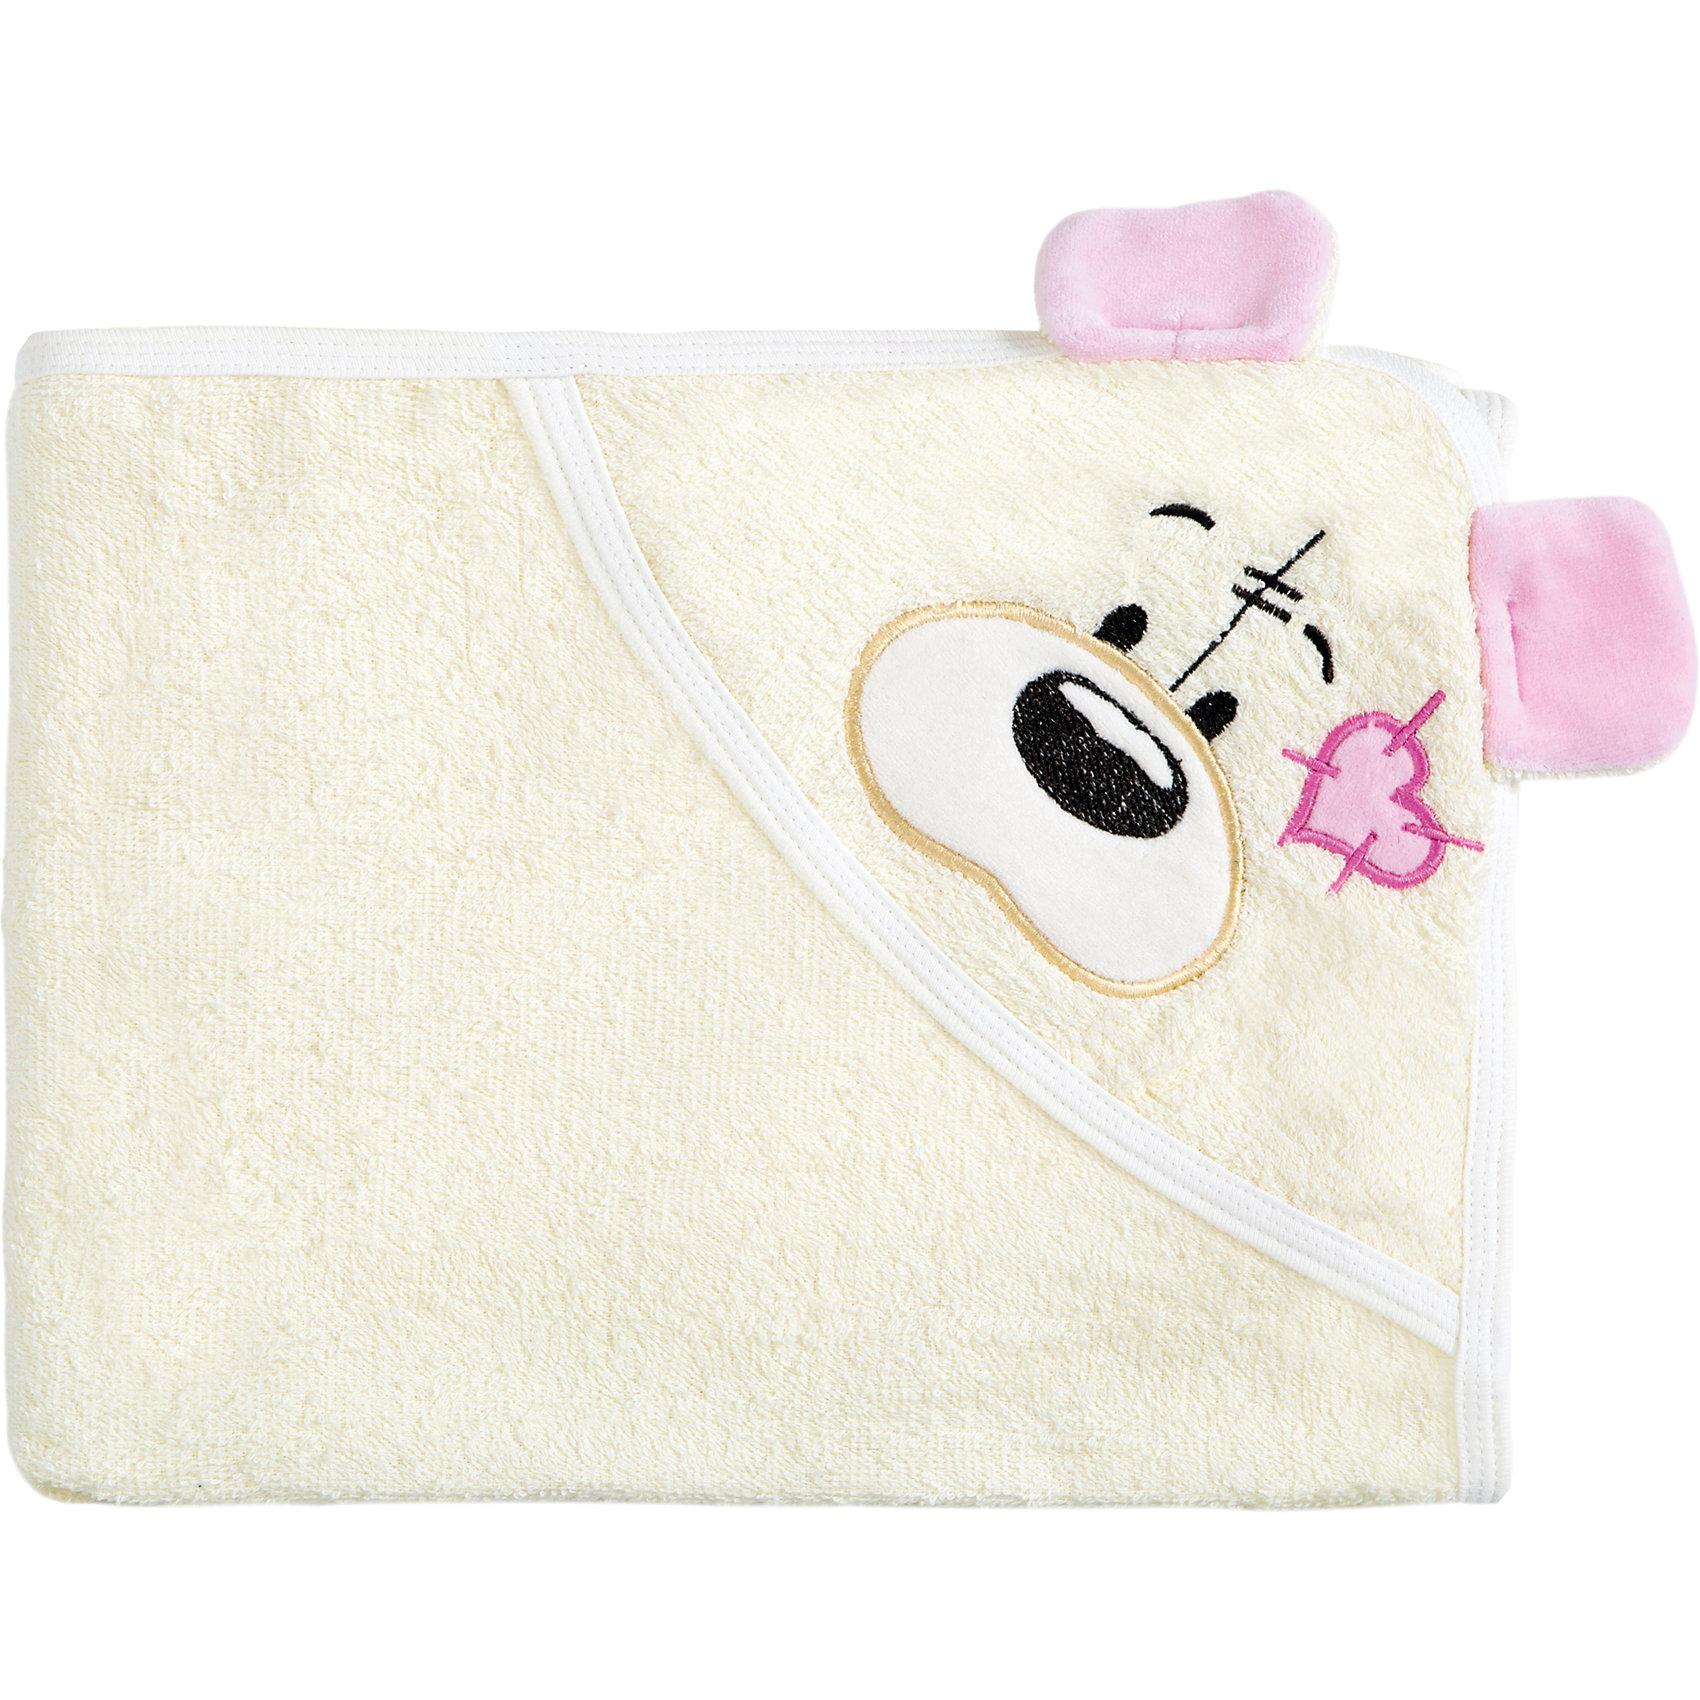 Полотенце с капюшоном Мишки Fun Dry, Twinklbaby, бежево-розовыйПолотенца, мочалки, халаты<br>Характеристики:<br><br>• приятное на ощупь<br>• удобный капюшон с вышивкой и аппликацией<br>• материал: махра<br>• состав: 100% хлопок<br>• размер: 100х80 см<br>• цвет: бежевый/розовый<br>• размер упаковки: 34х1х37 см<br>• вес: 300 грамм<br><br>Мишки Fun Dry - красивое и удобное полотенце для малышей. Оно быстро впитывает влагу и сохраняет тепло, чтобы ребенок чувствовал себя уютно после купания. Хлопок не вызывает разражения и аллергии на коже ребенка. <br><br>Кроме того, вы сможете использовать данное полотенце на пляже. Капюшон полотенца изготовлен в виде милого медвежонка, выполненного с помощью вышивки и аппликации.<br><br>Полотенце с капюшоном Мишки Fun Dry, Twinklbaby (Твинкл Бэби), бежево-розовый вы можете купить в нашем интернет-магазине.<br><br>Ширина мм: 370<br>Глубина мм: 340<br>Высота мм: 10<br>Вес г: 300<br>Возраст от месяцев: 1<br>Возраст до месяцев: 60<br>Пол: Унисекс<br>Возраст: Детский<br>SKU: 6772416